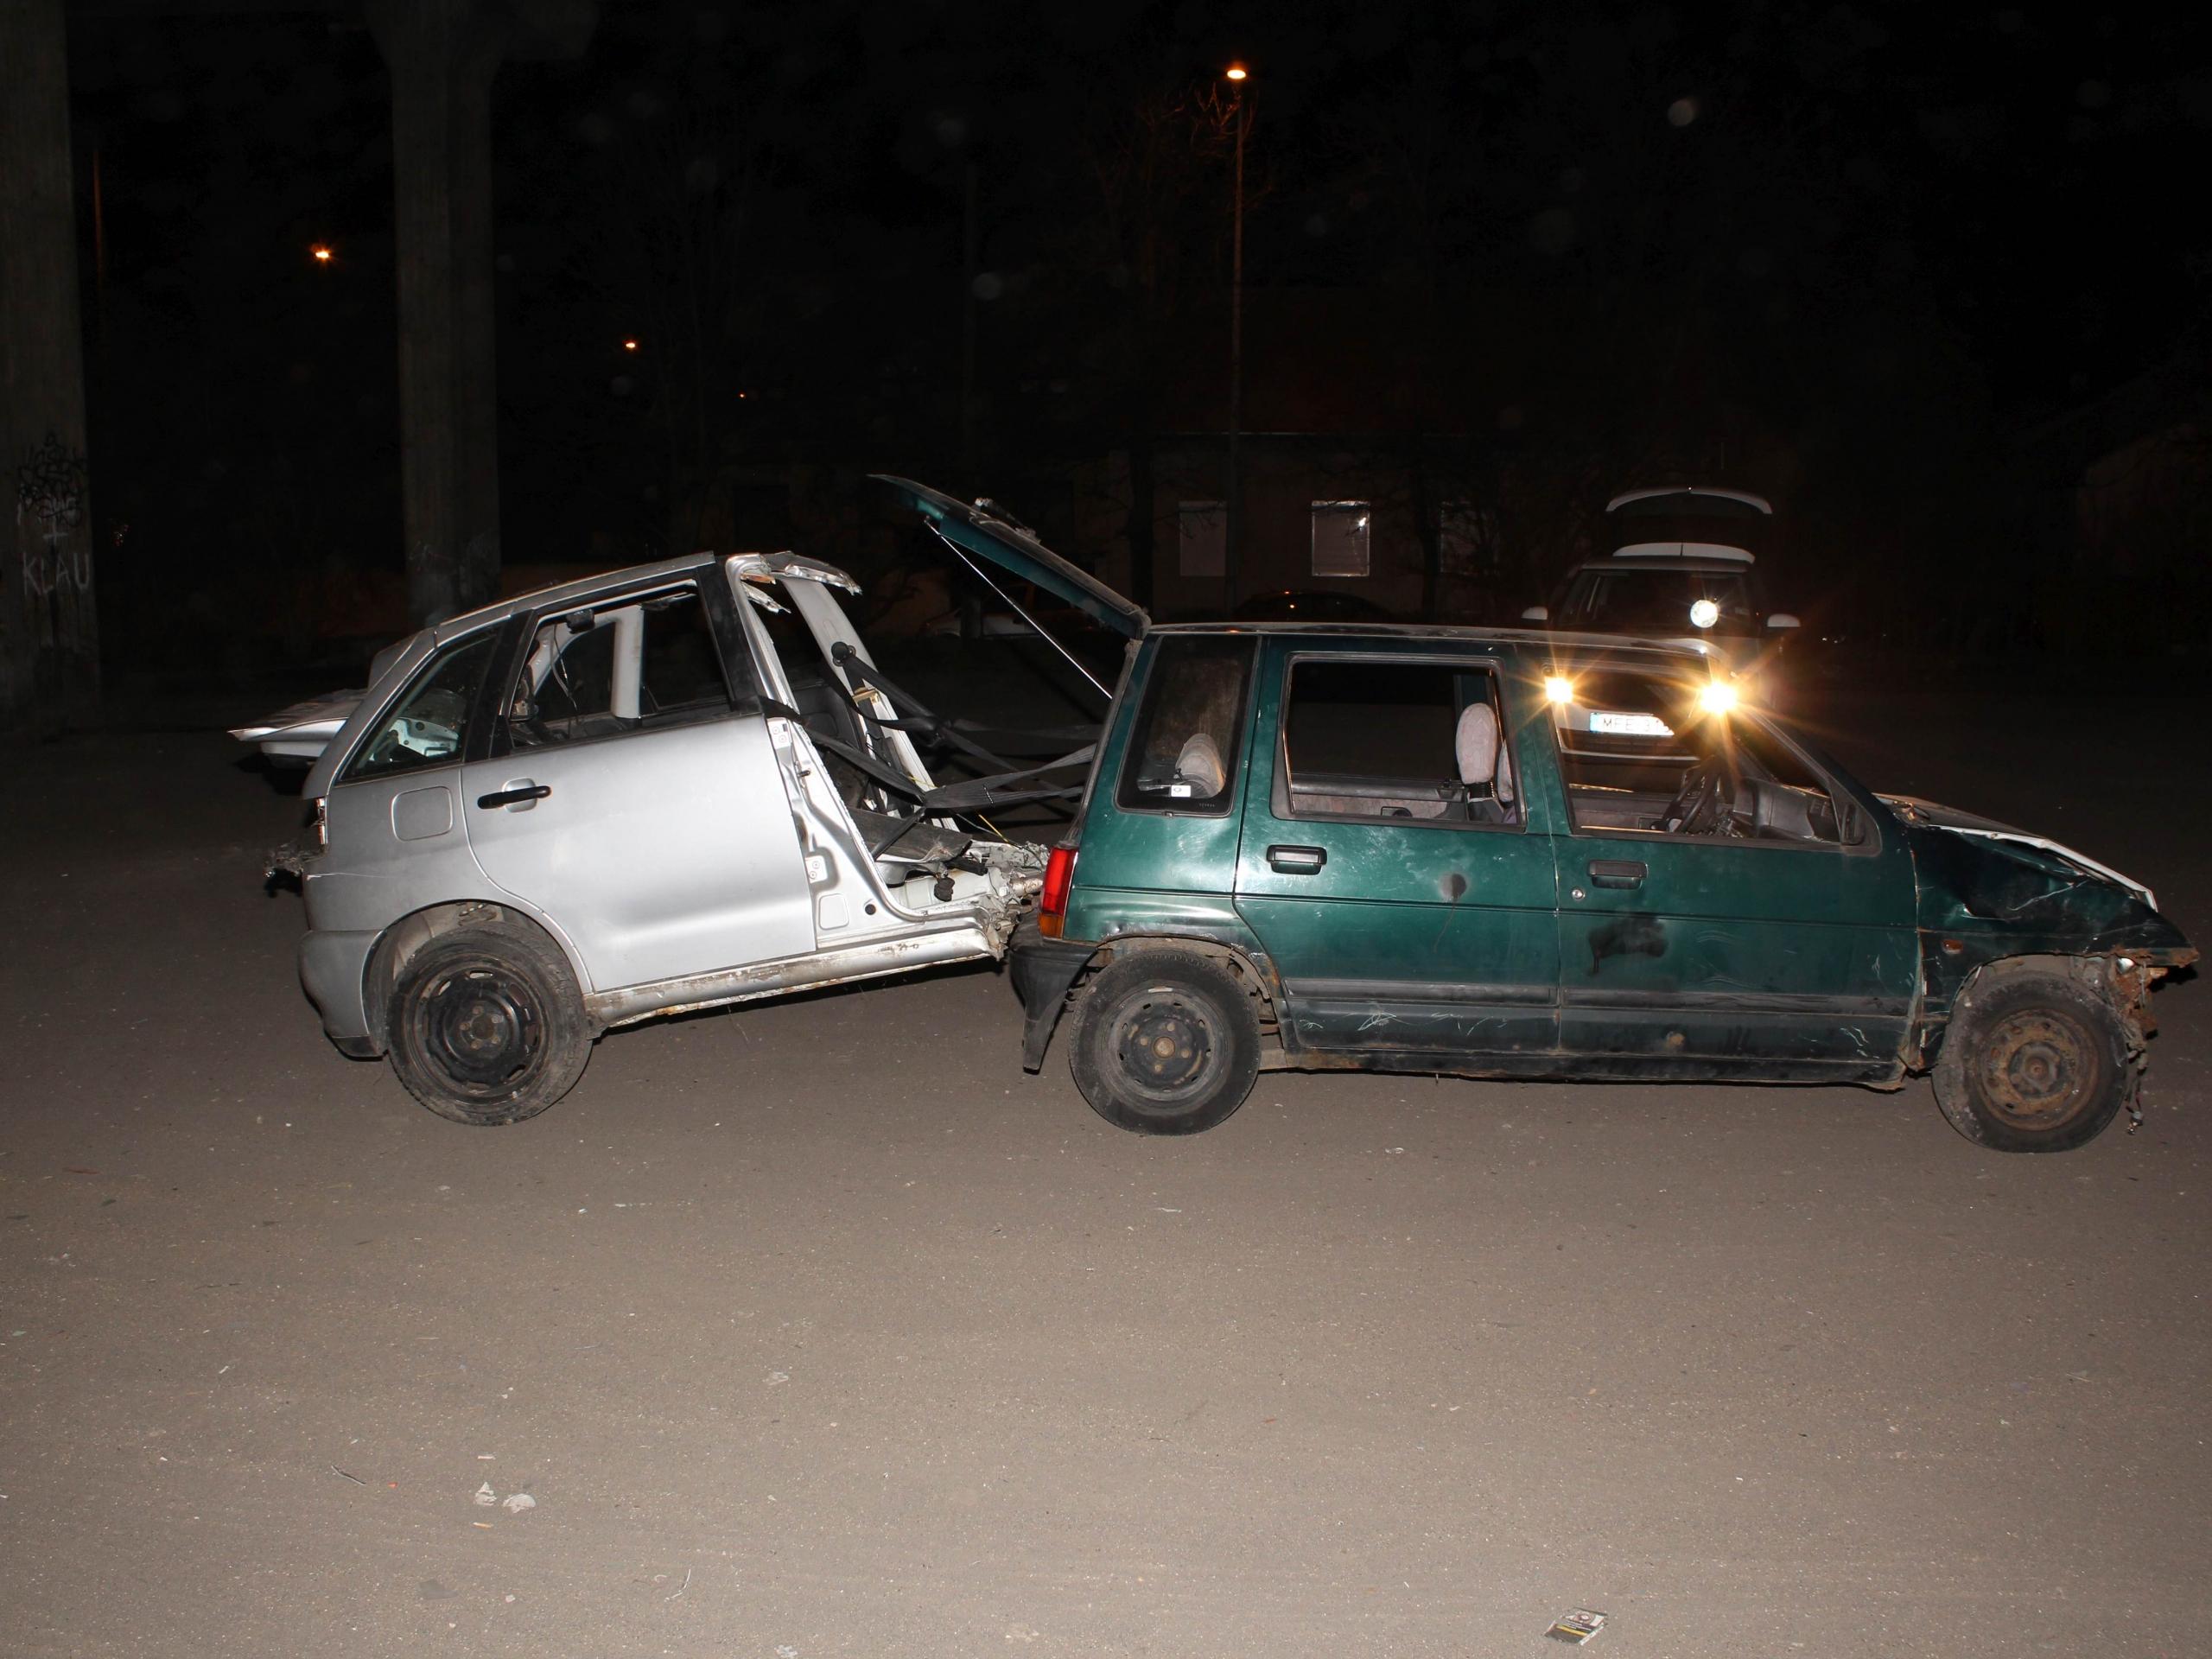 Elfogtak három férfit, akik egy lopott Daewoo-t toltak, amihez egy fél Seat volt kötve